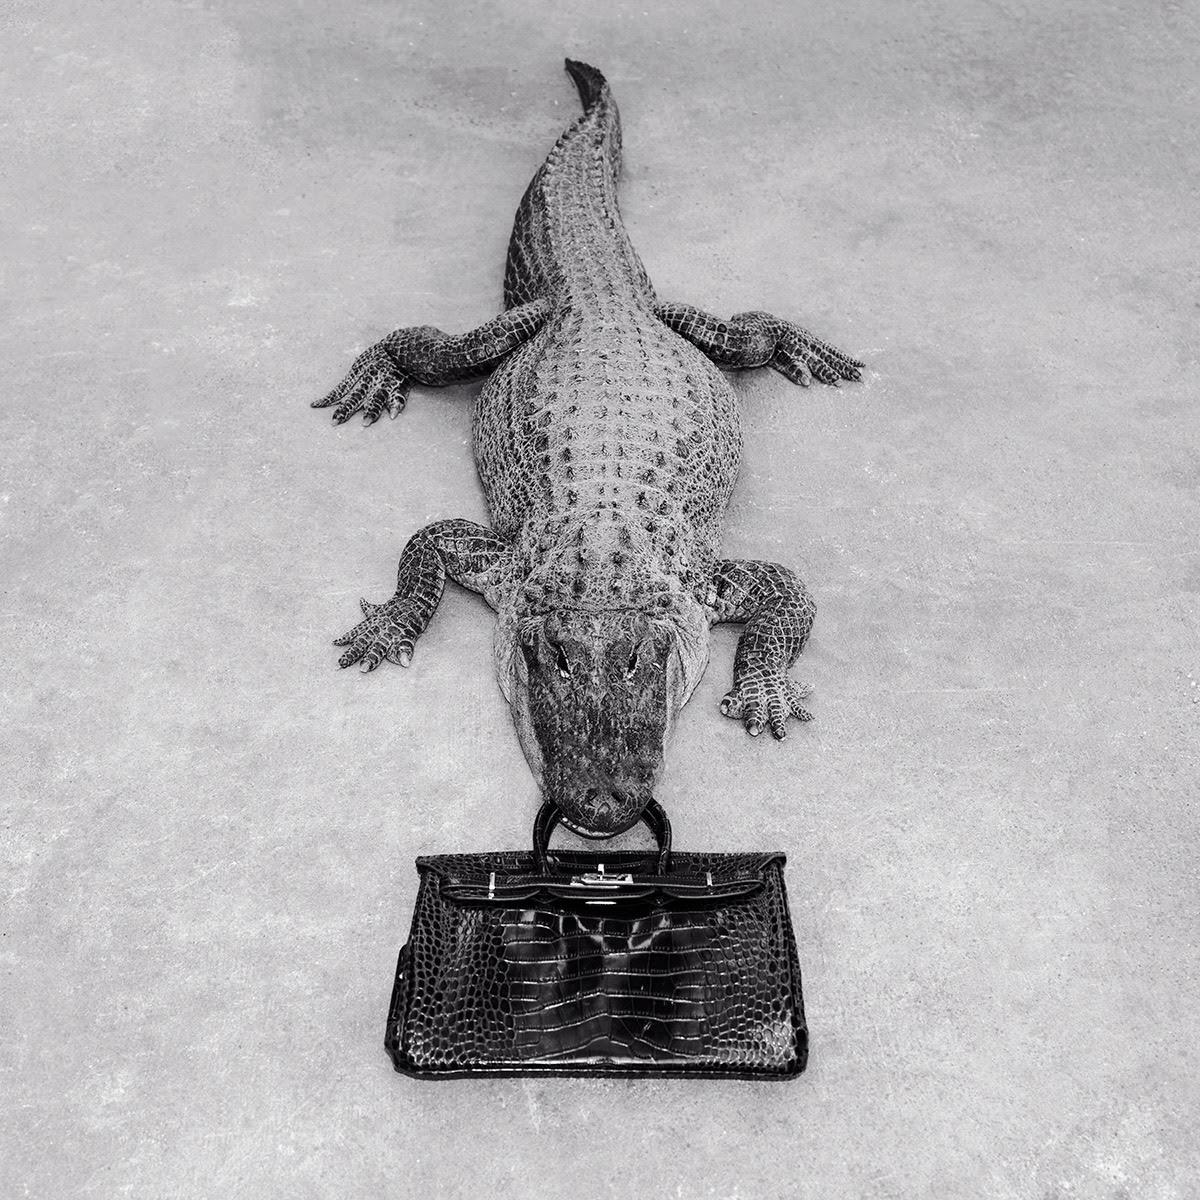 Gator Birkin (B&W) by Tyler Shields